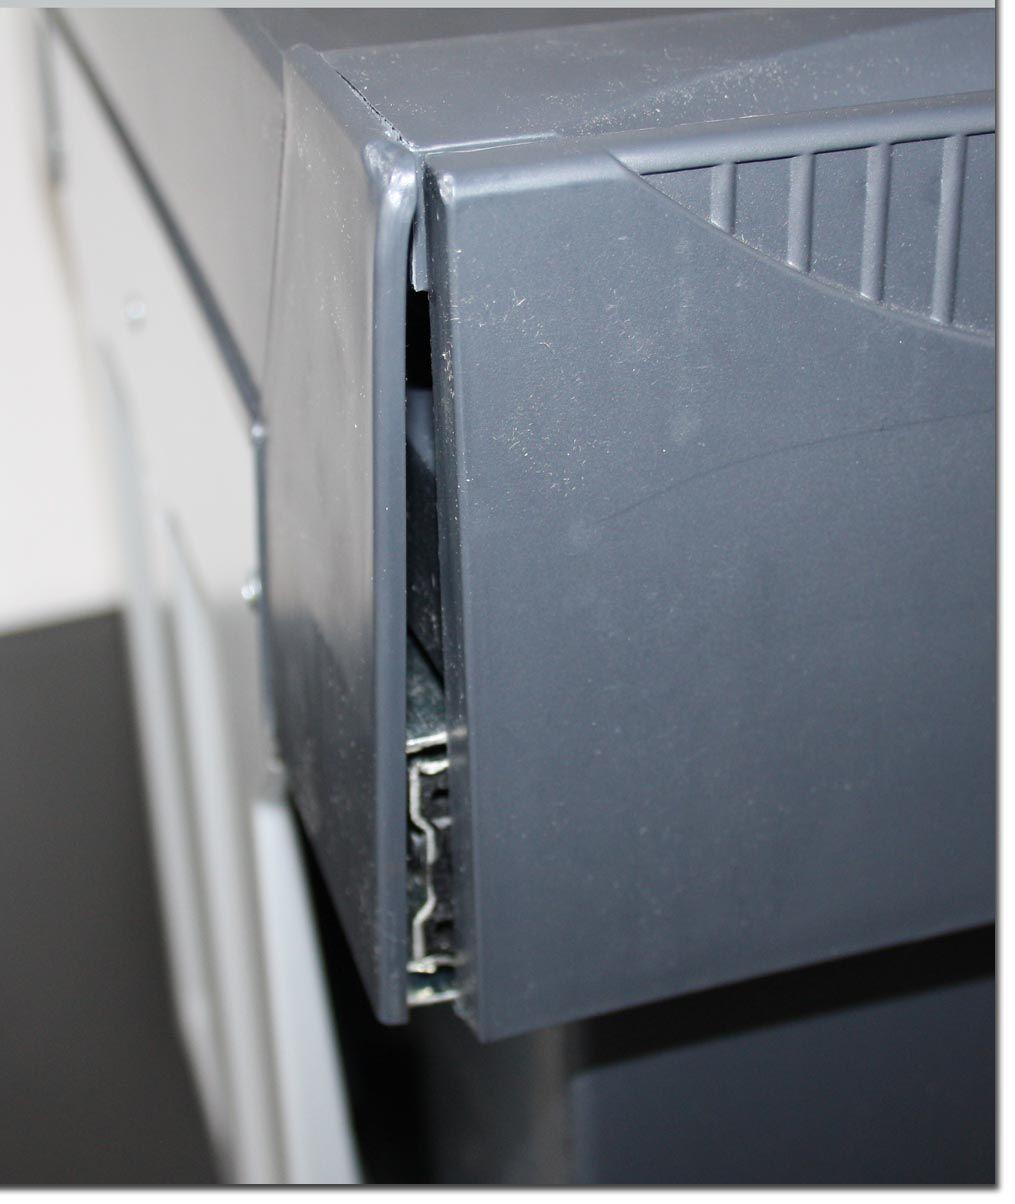 hailo einbau abfalleimer bio m lleimer doppelkammer abfallsammler besch digt ebay. Black Bedroom Furniture Sets. Home Design Ideas